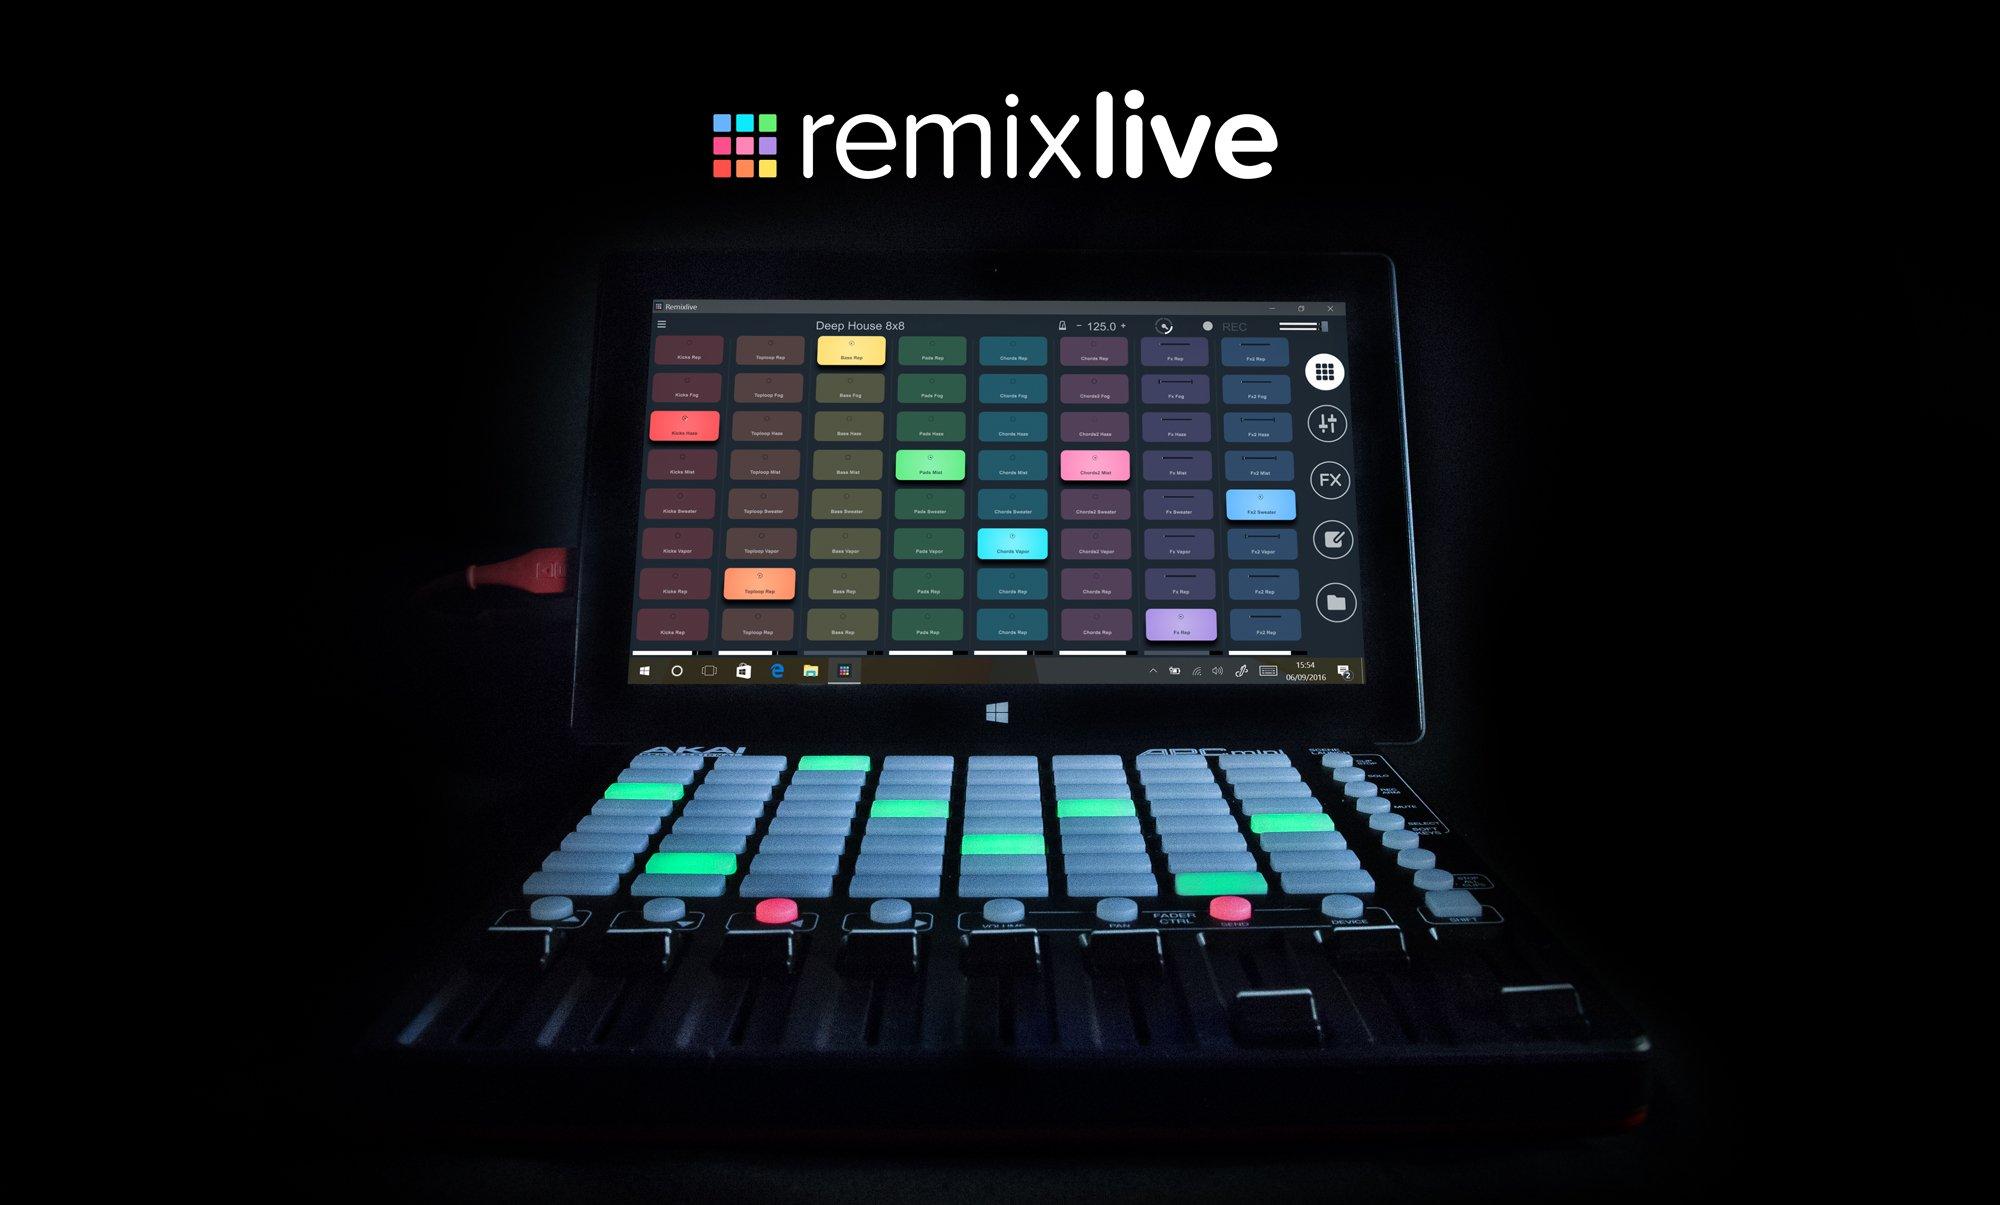 Mixvibes Remixlive - Jetzt auch für Windows